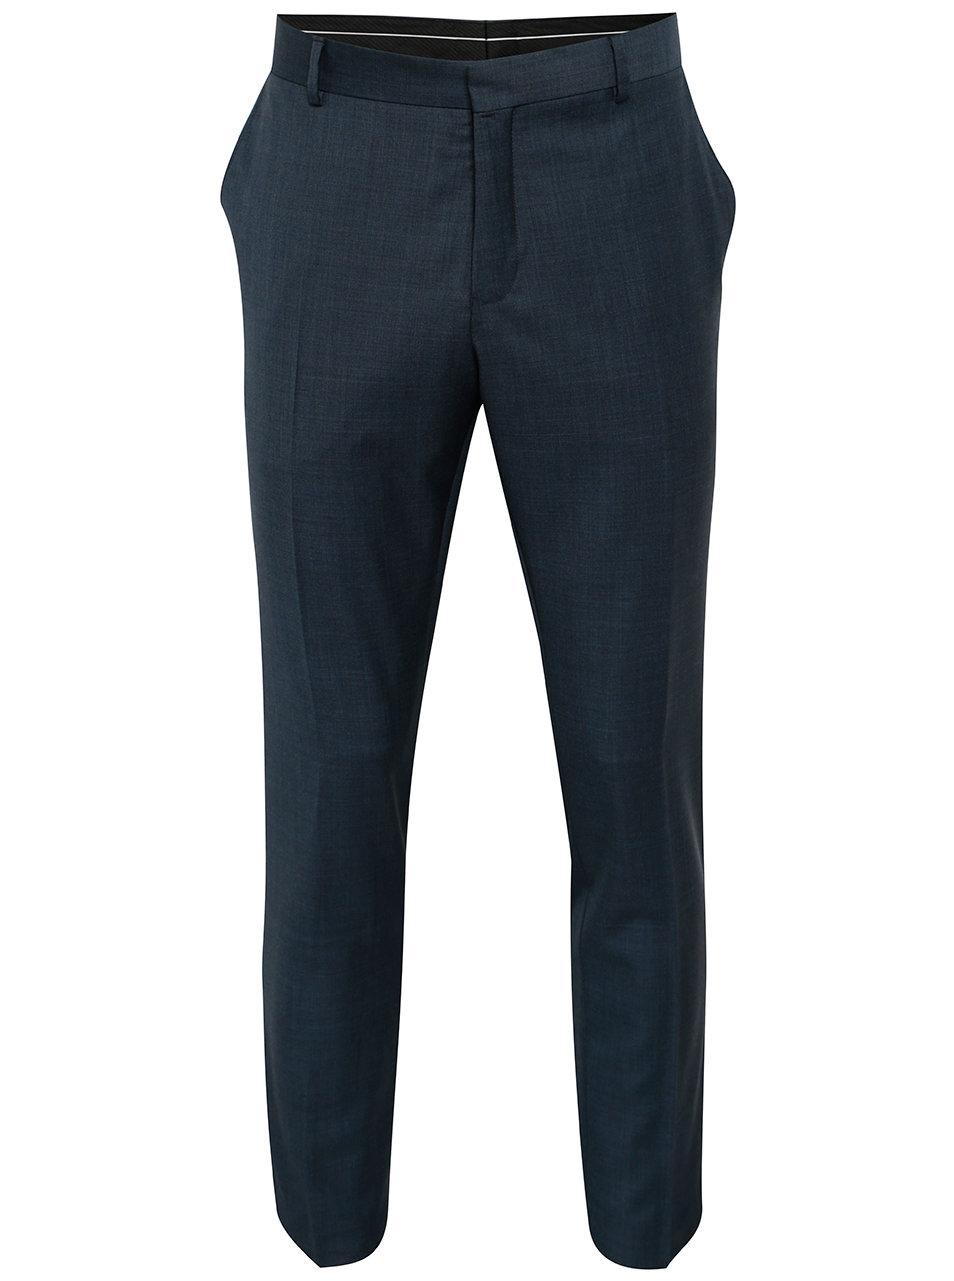 Tmavě modré vlněné oblekové kalhoty Selected Homme Done